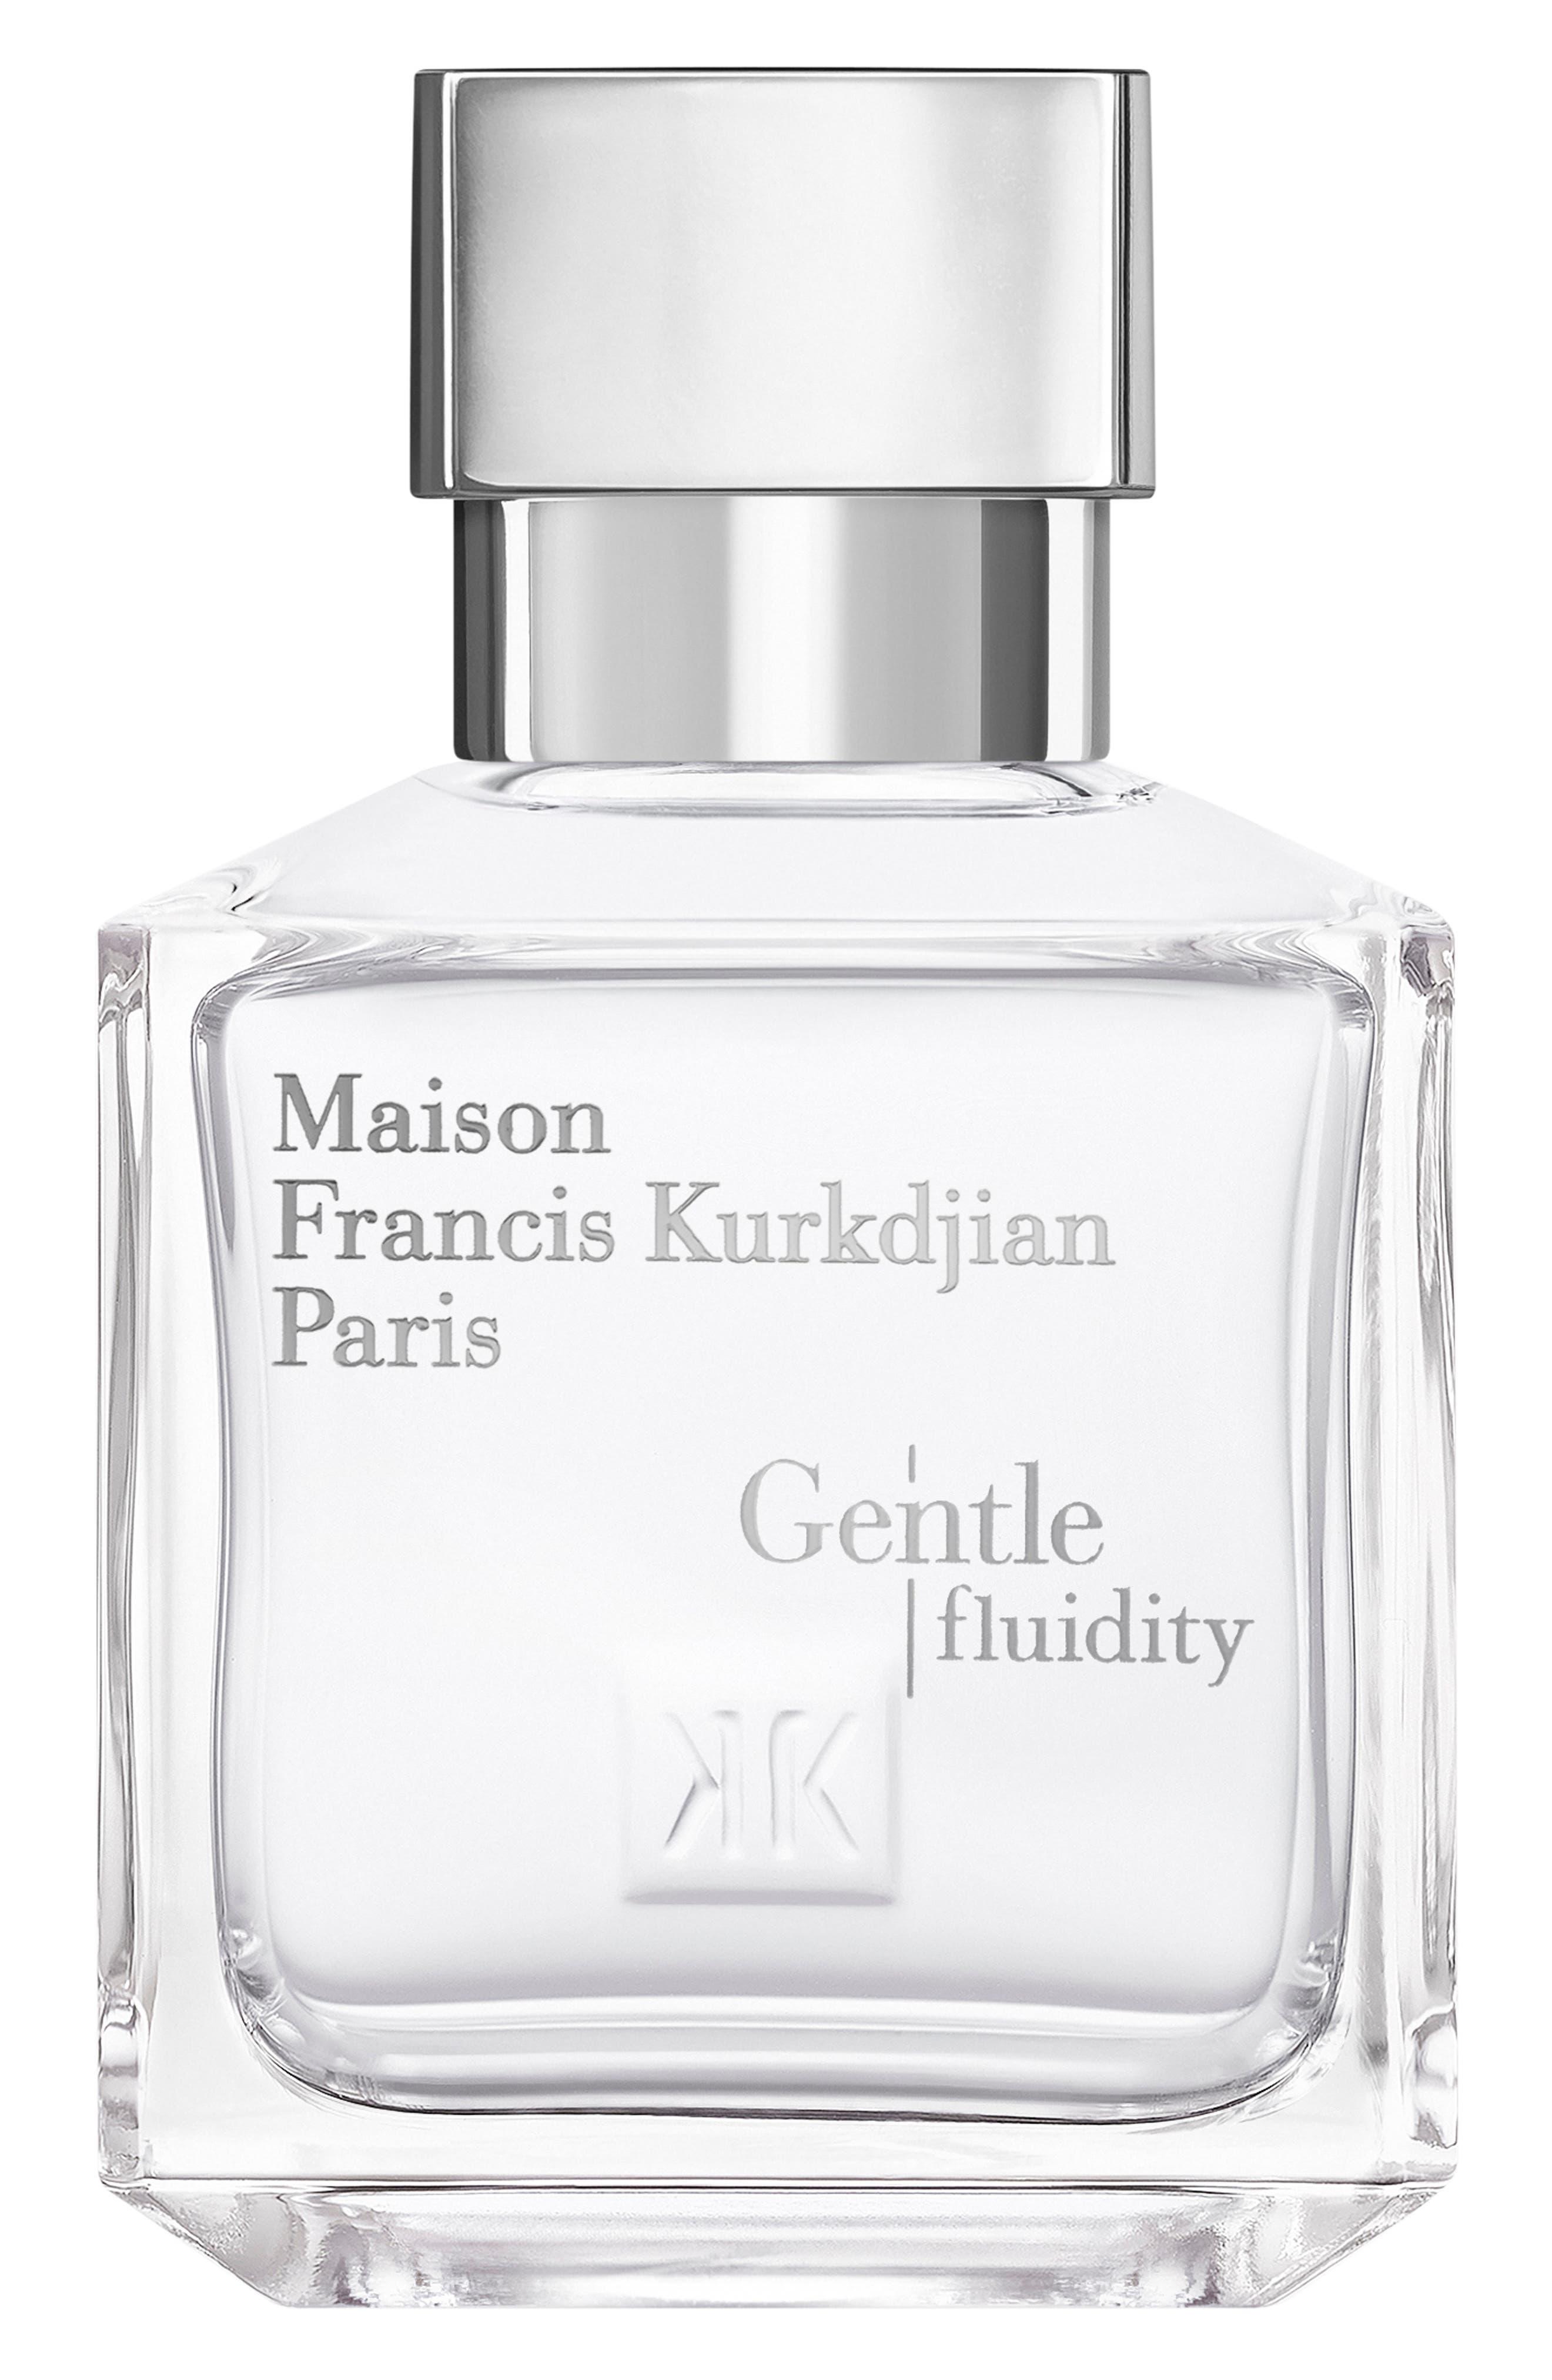 Paris Gentle Fluidity Silver Eau De Parfum